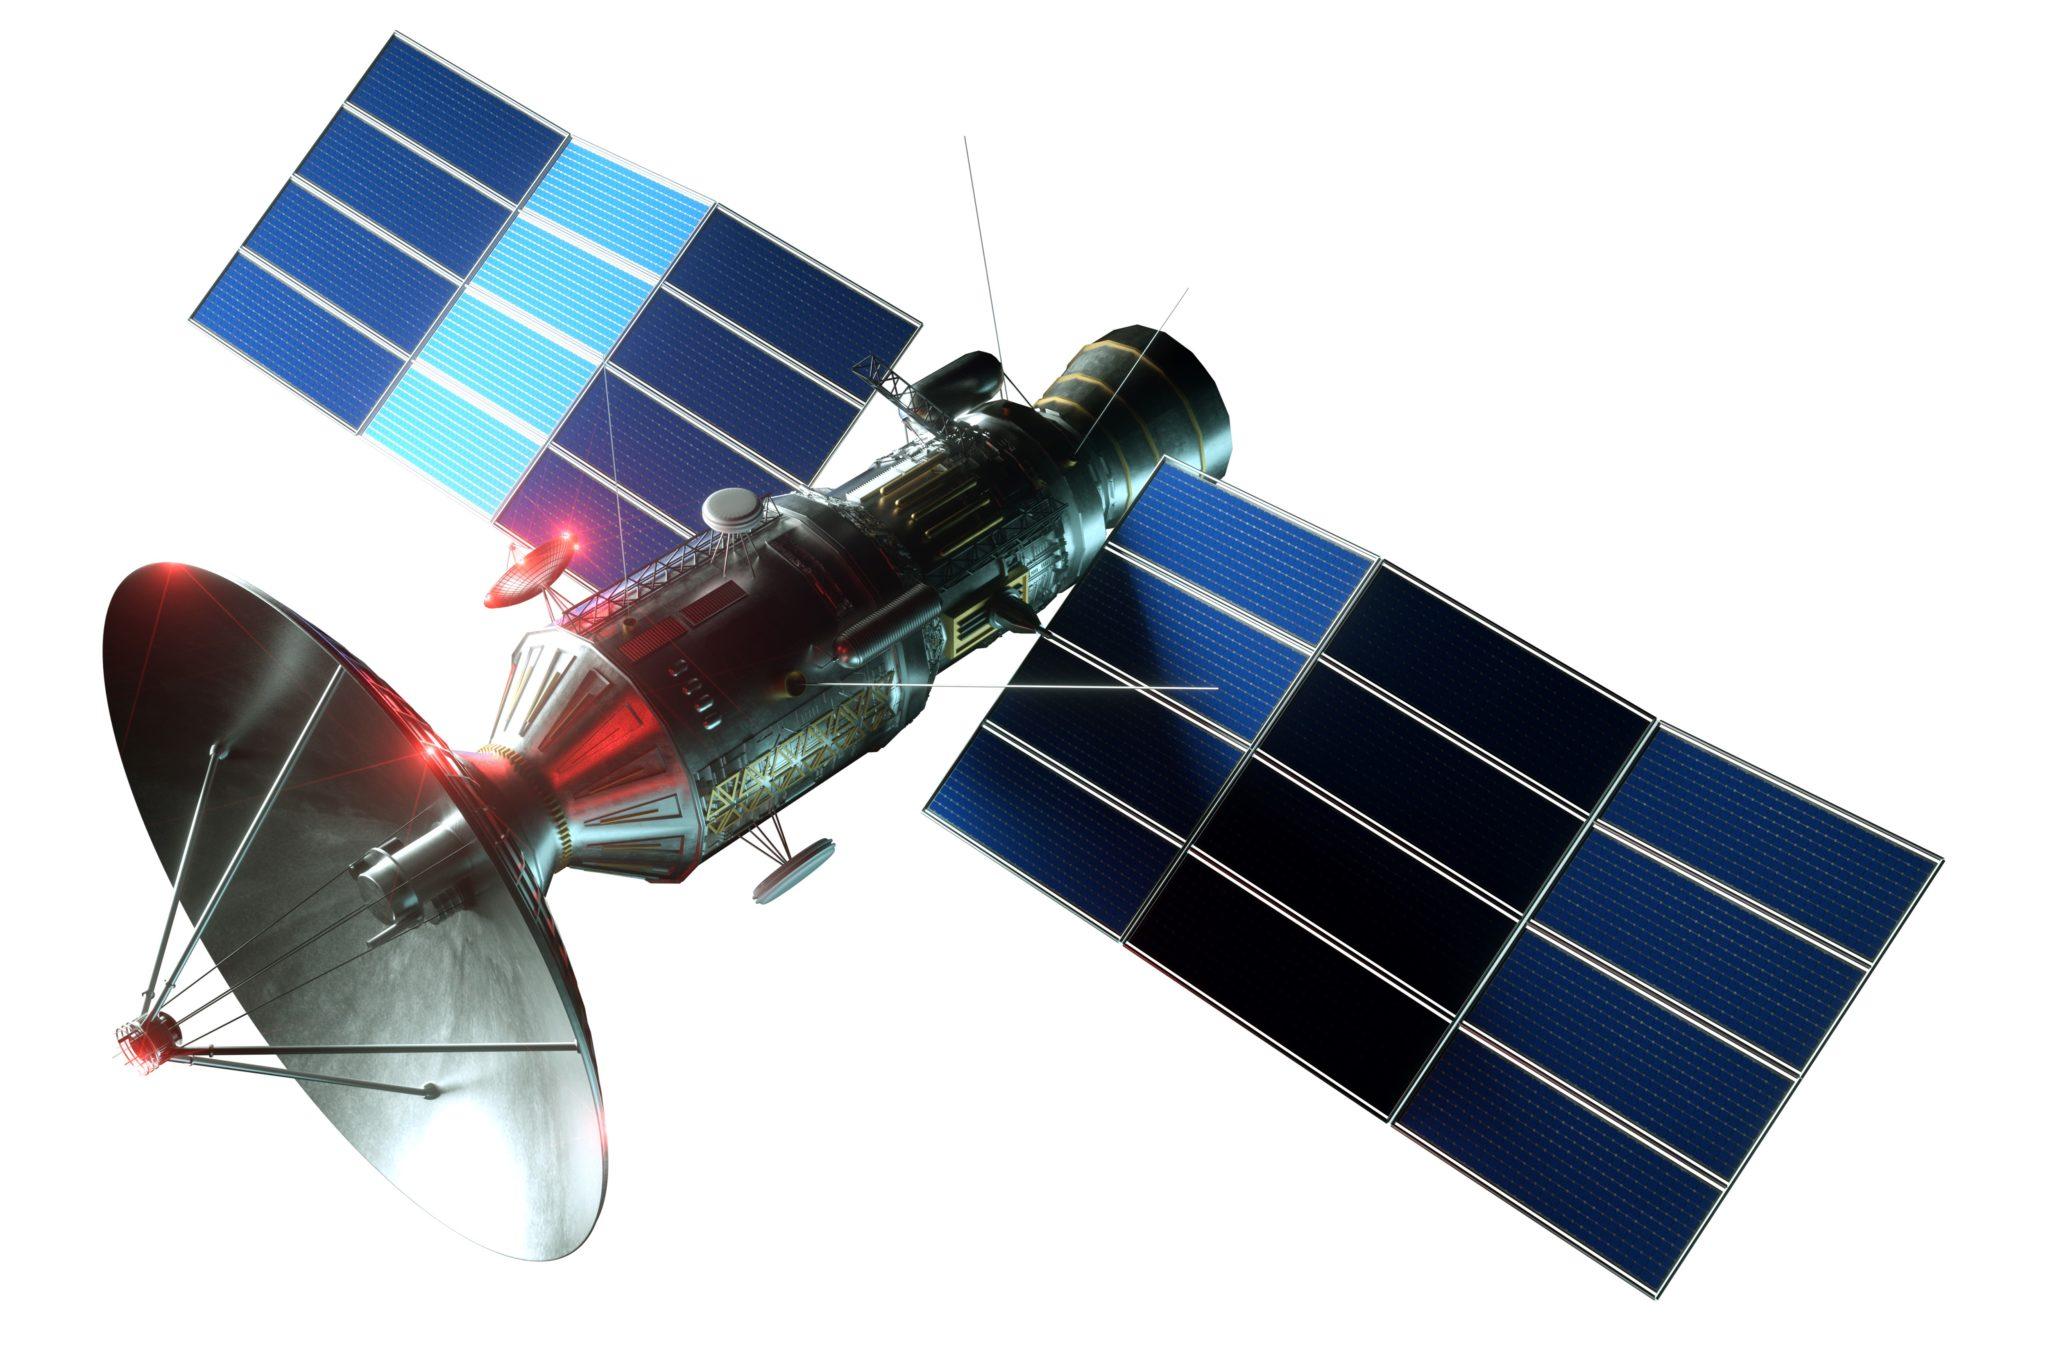 Le premier satellite de fabrication thaïlandaise devrait être lancé en 2023